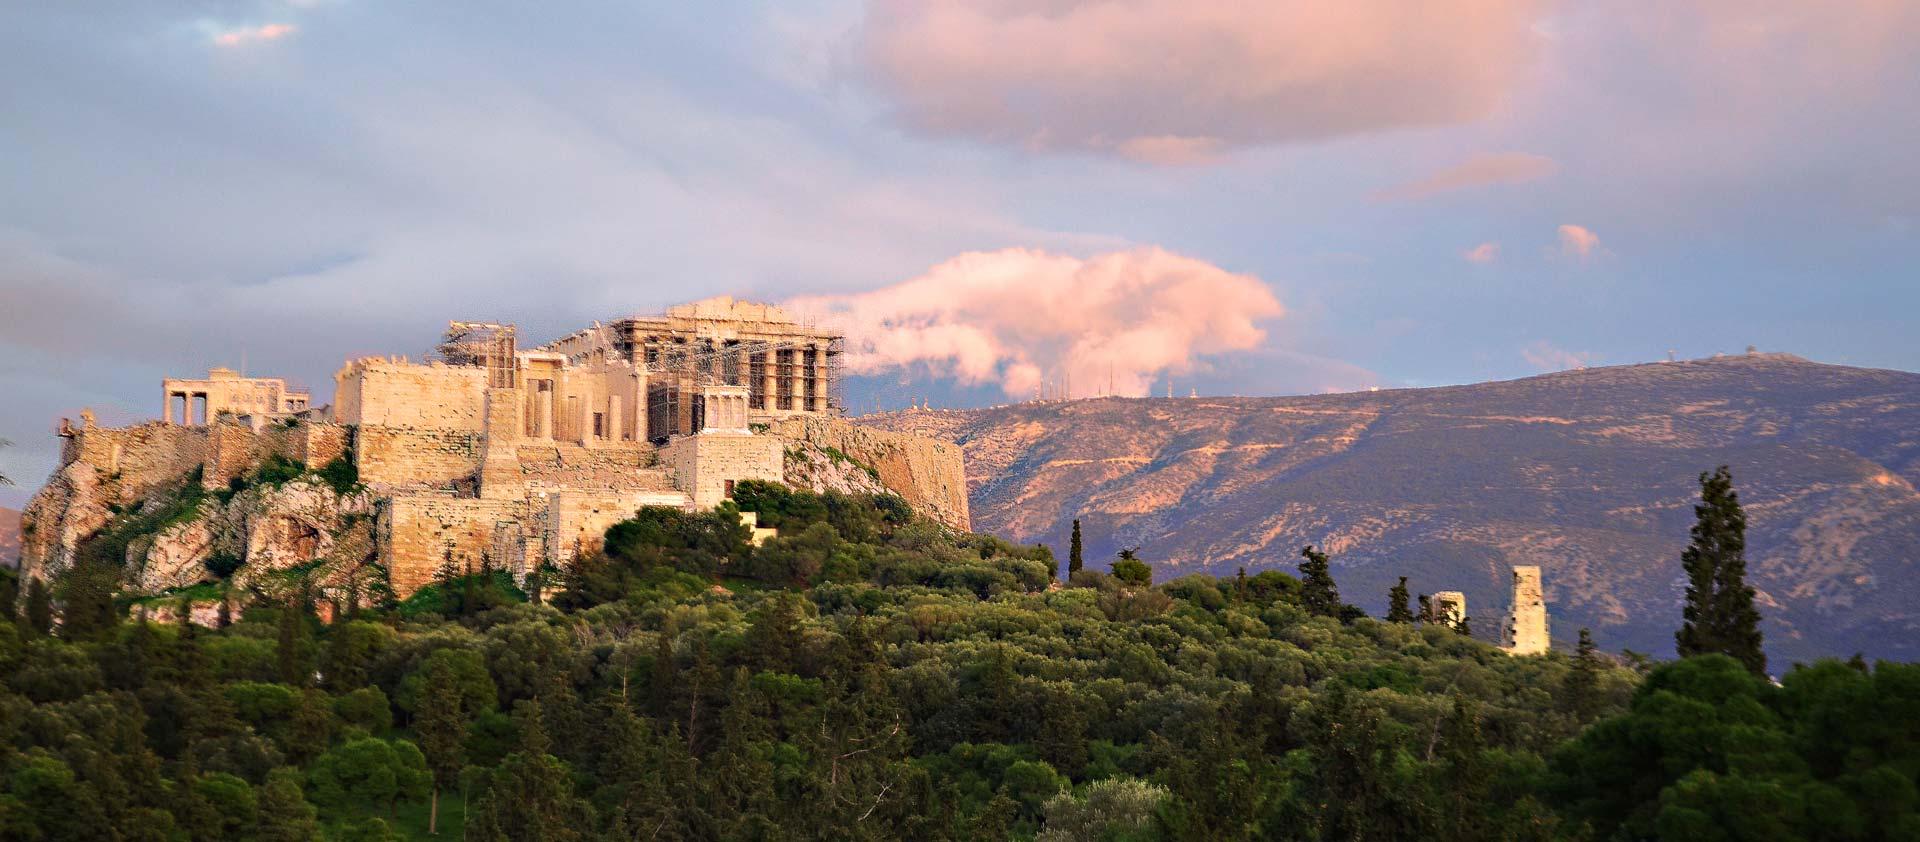 Las cinco visitas imprescindibles de la Acrópolis de Atenas